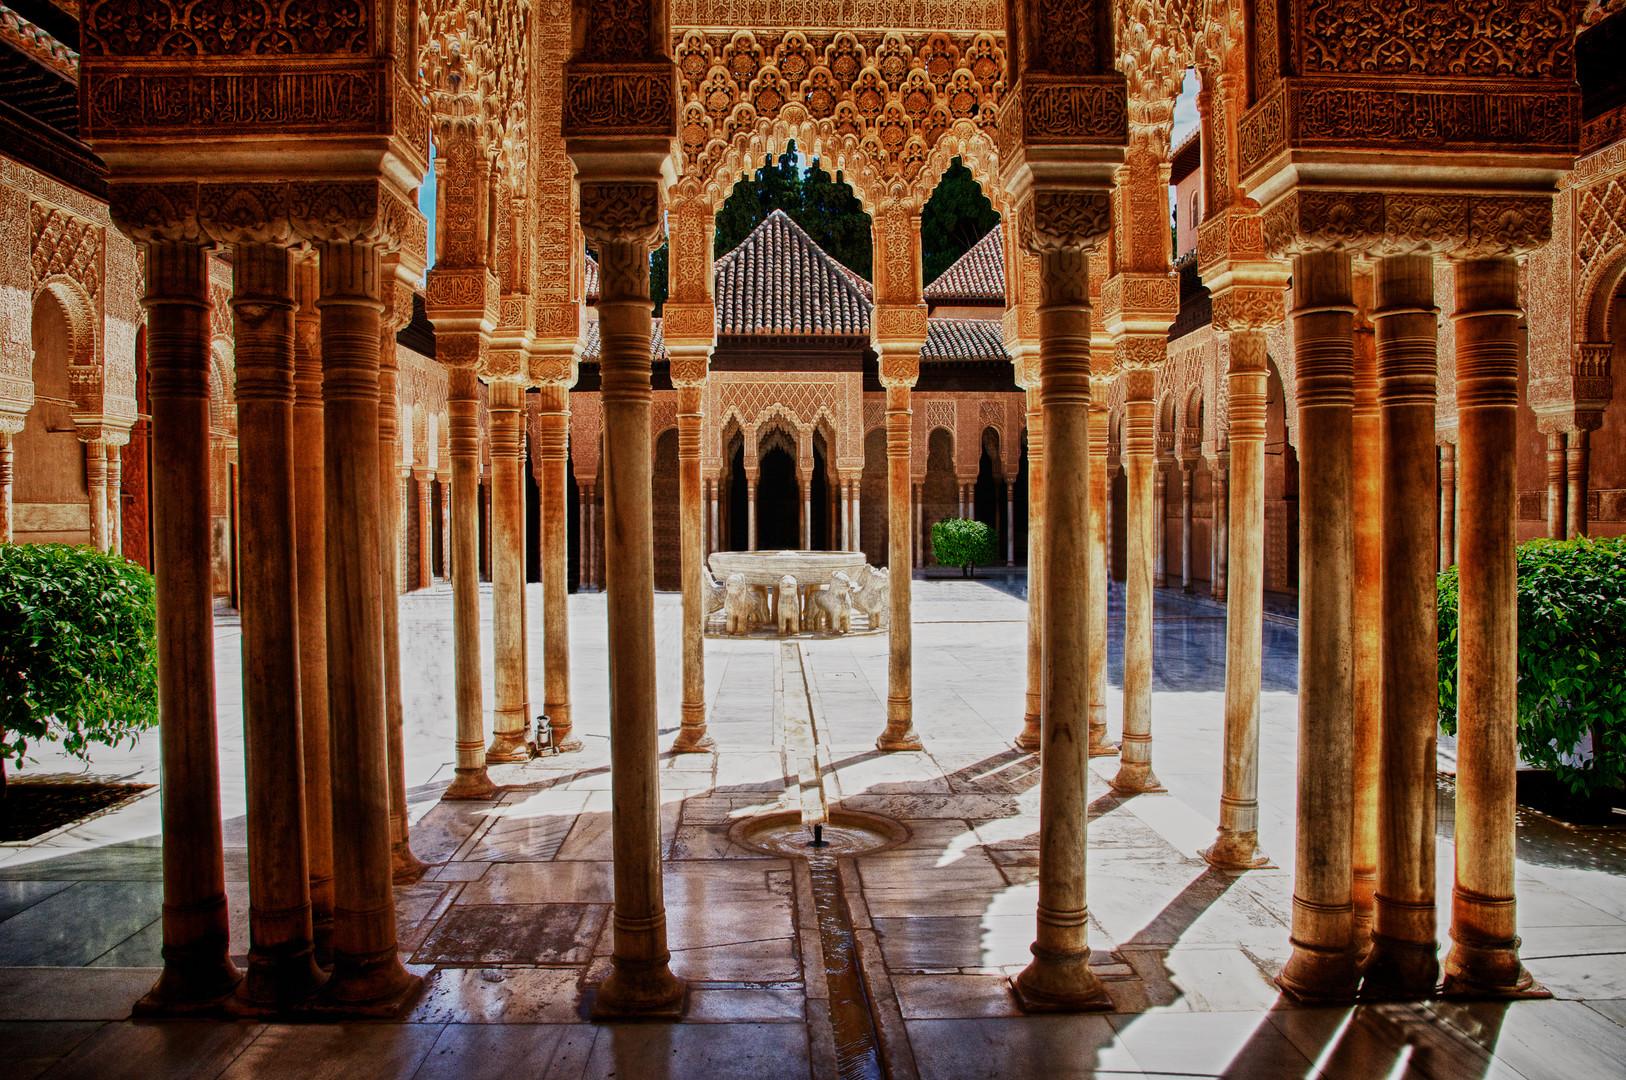 Krásy jižního Španělska (putování Andalusií) #5